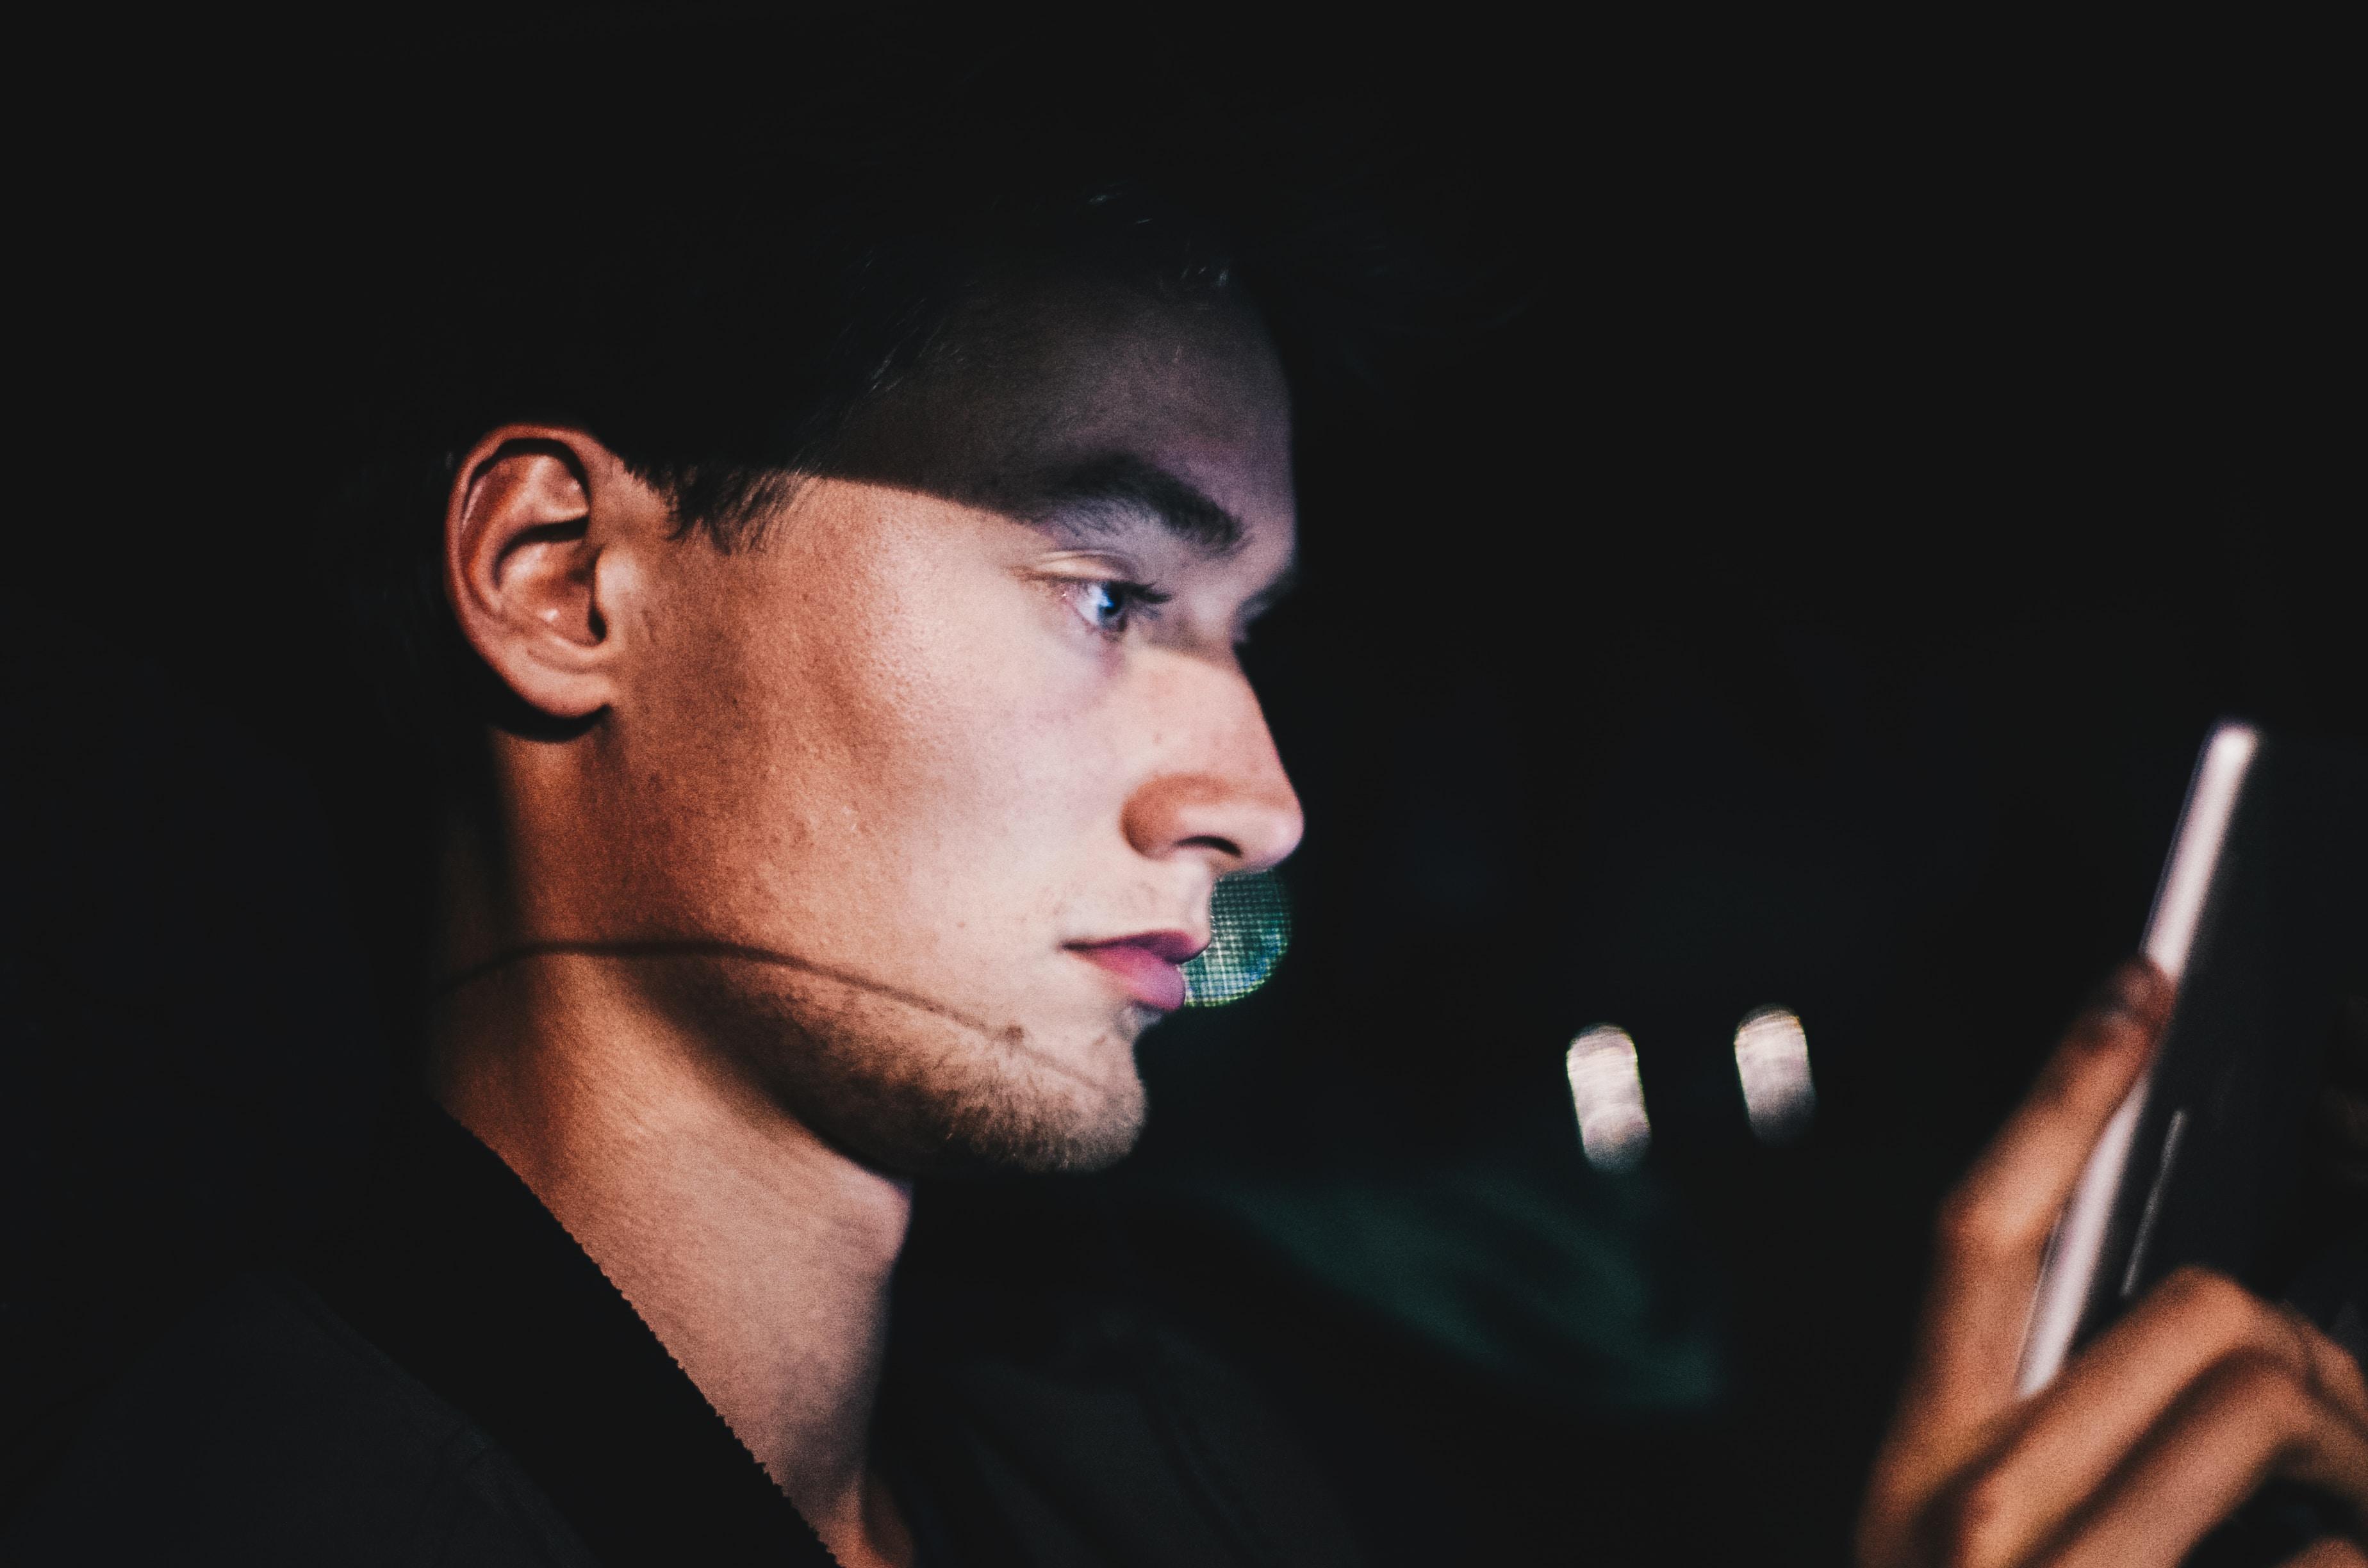 man using phone during nighttime